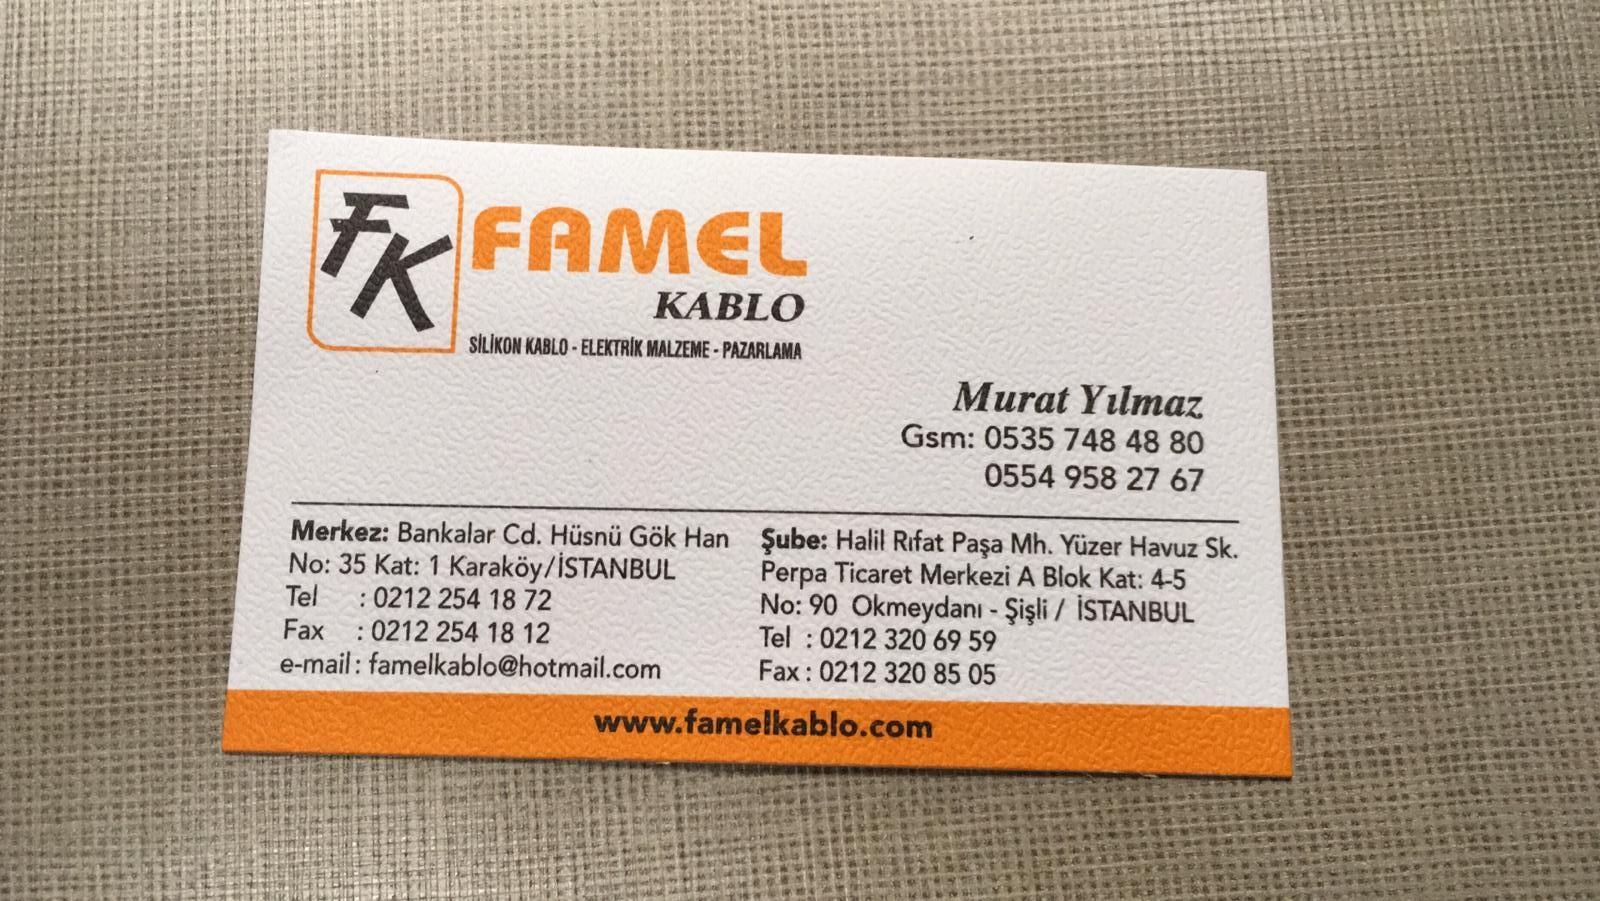 Famel Kablo